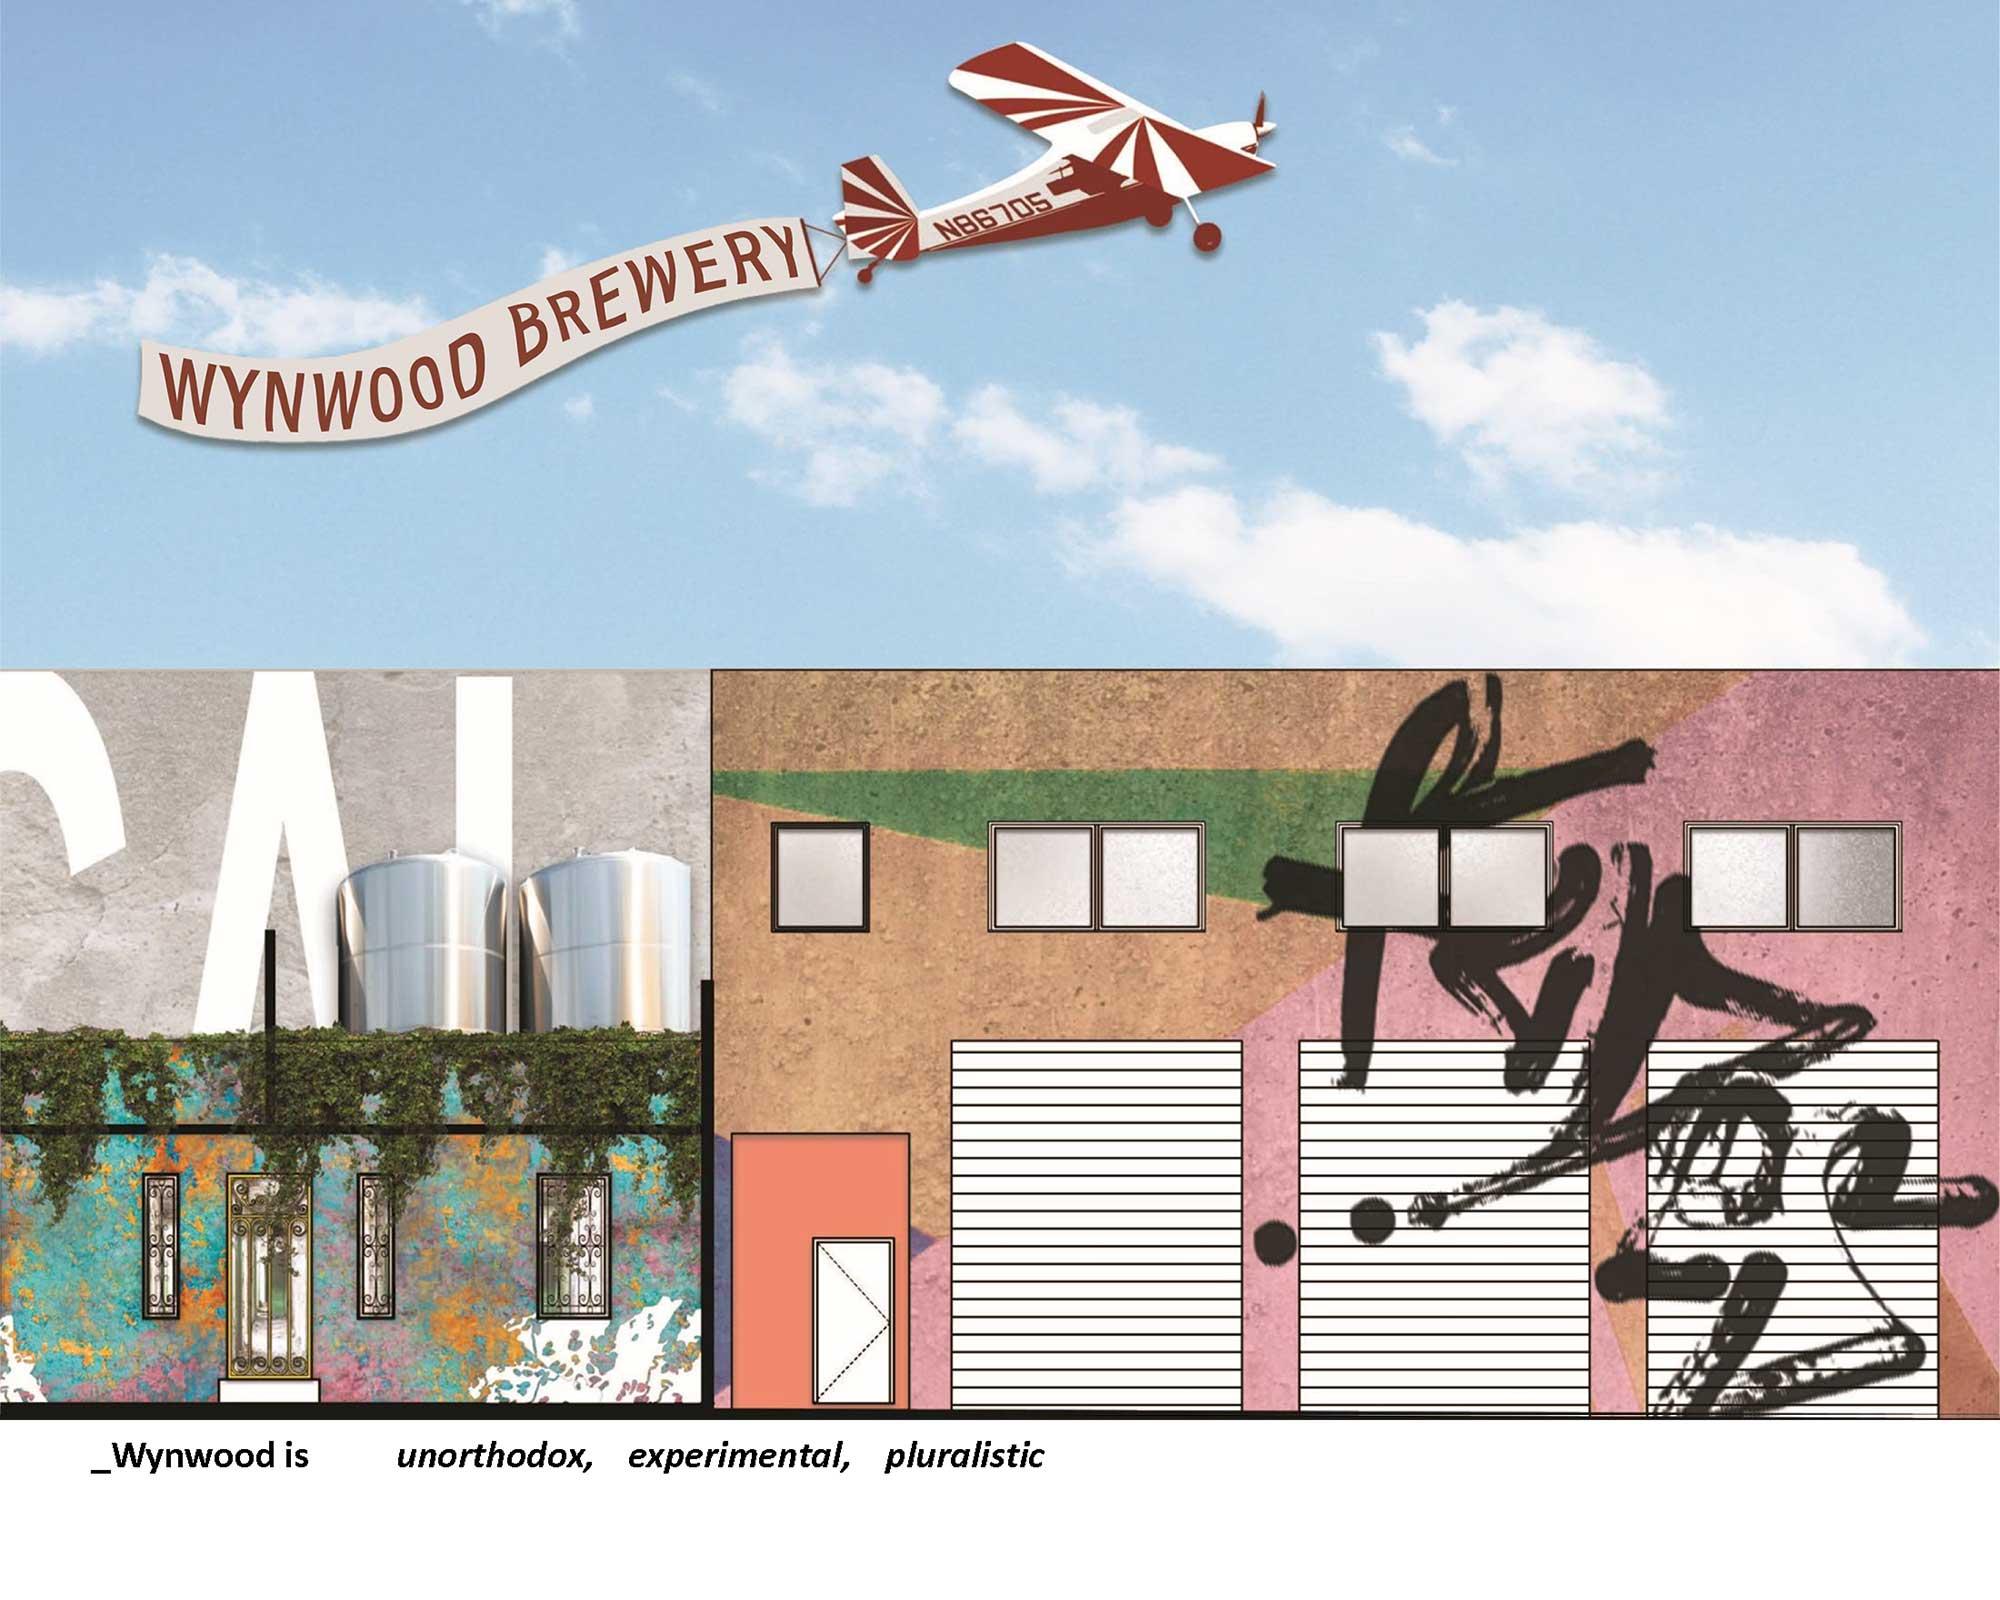 tsao-wynwood-brewery-03.jpg